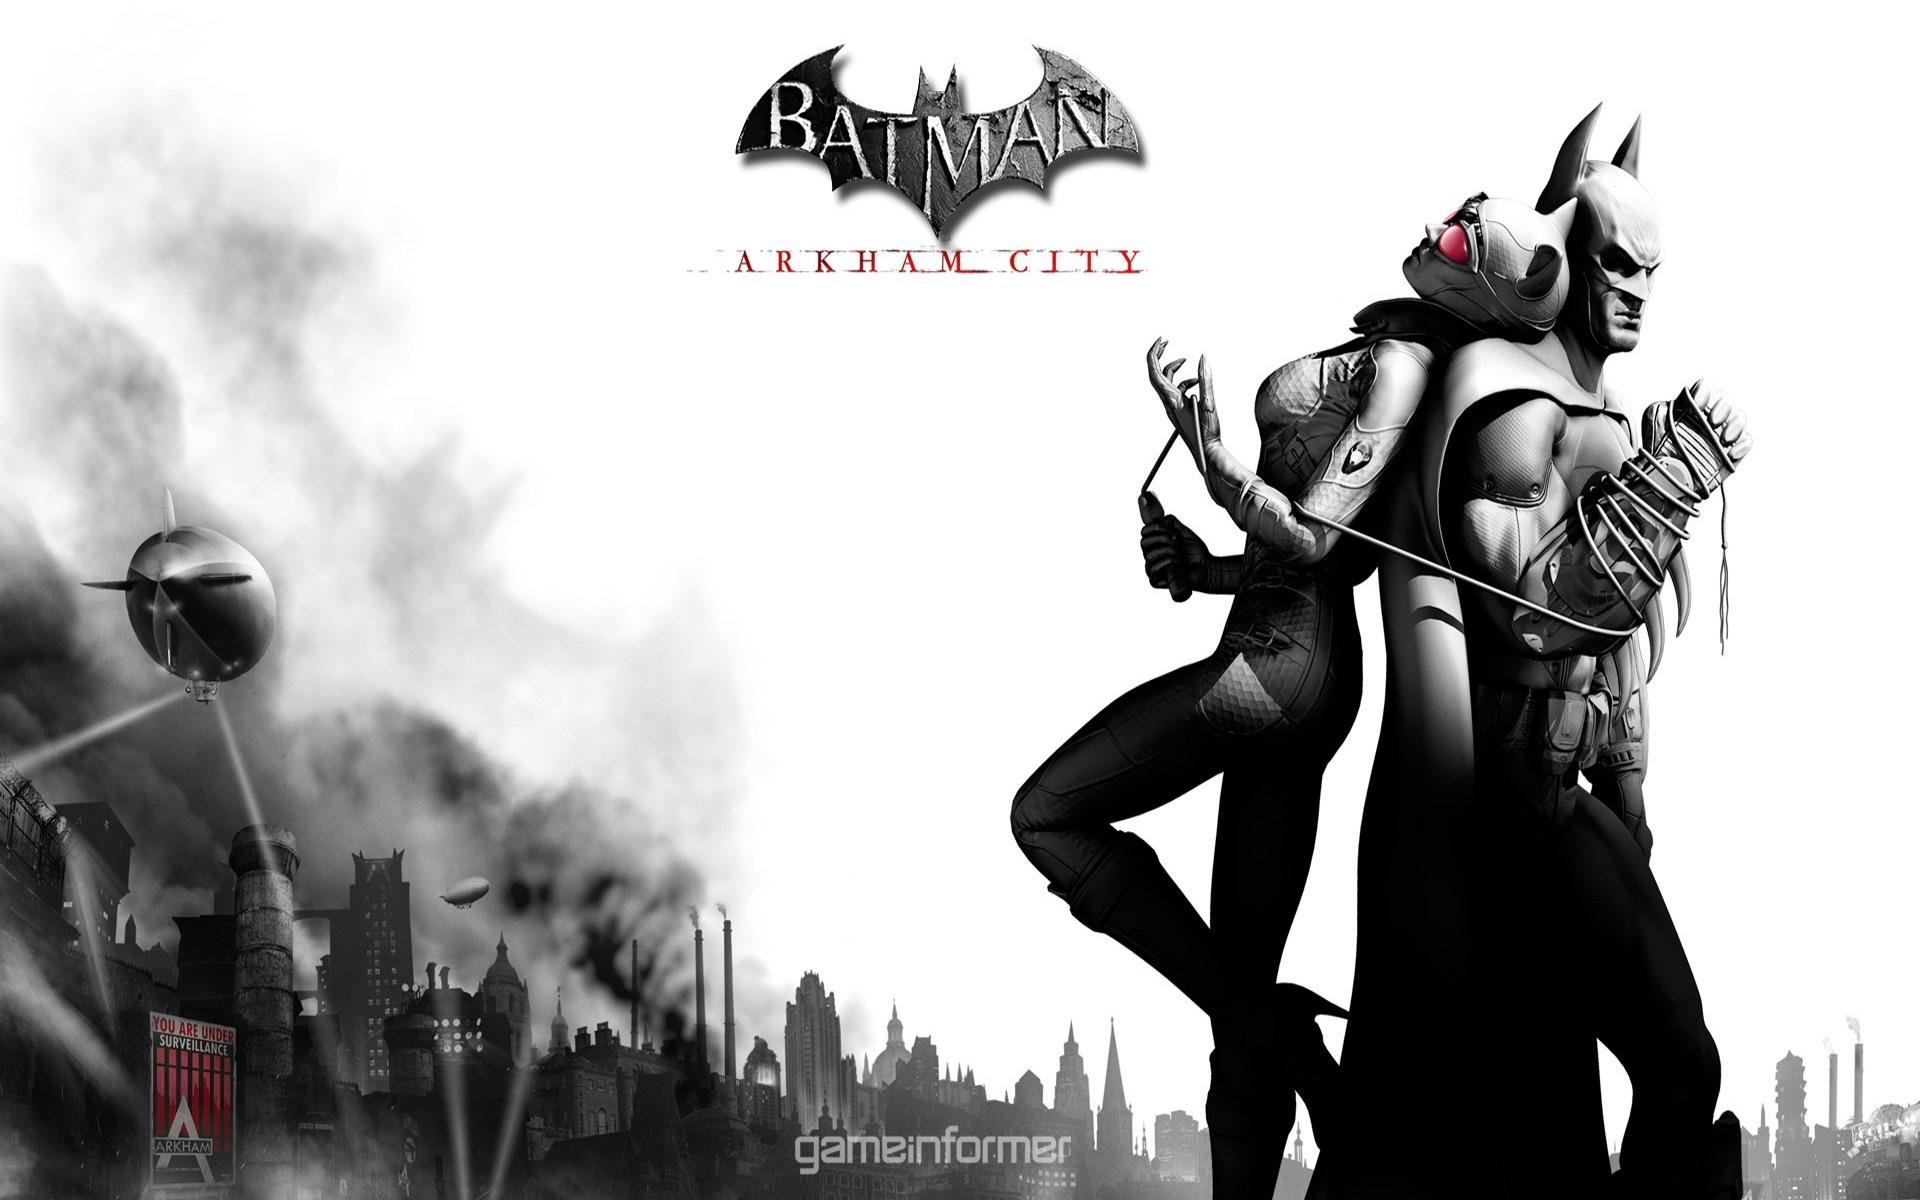 batman arkham city wallpaper hd 1080p widescreen desktop backgrounds 1920x1200